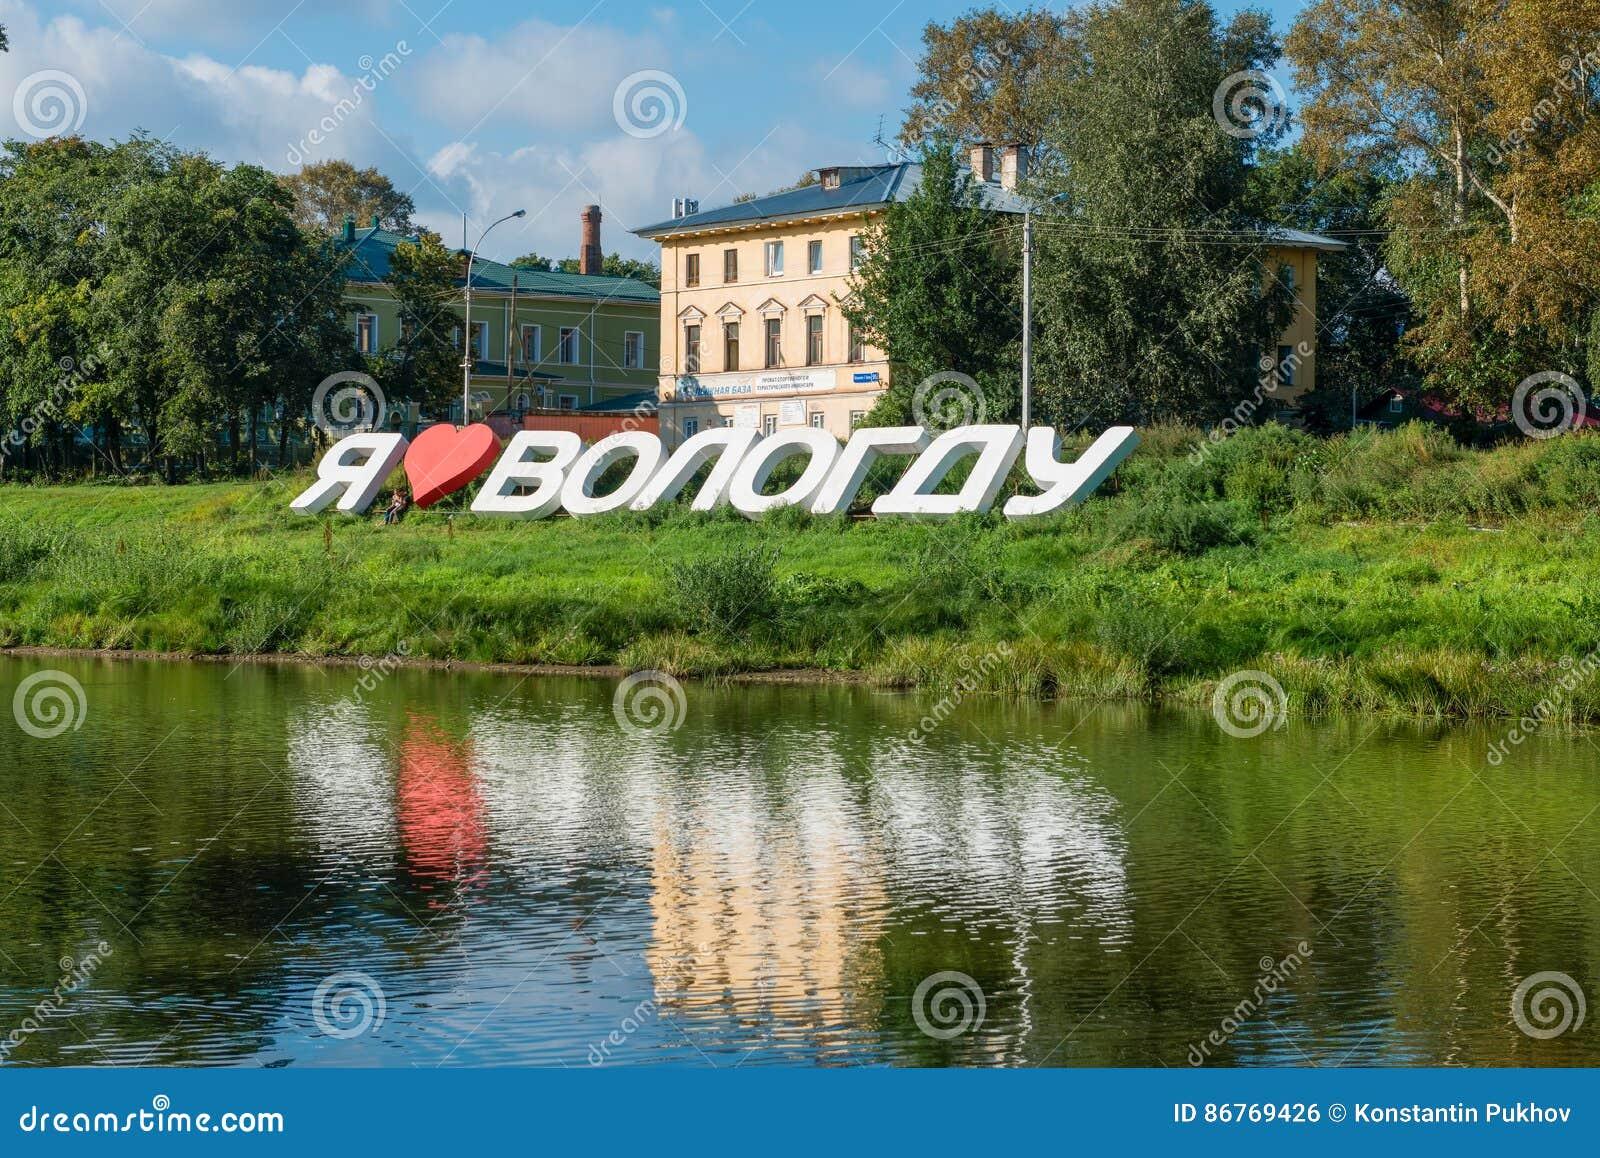 Objet d art avec l amour Vologda de l inscription I